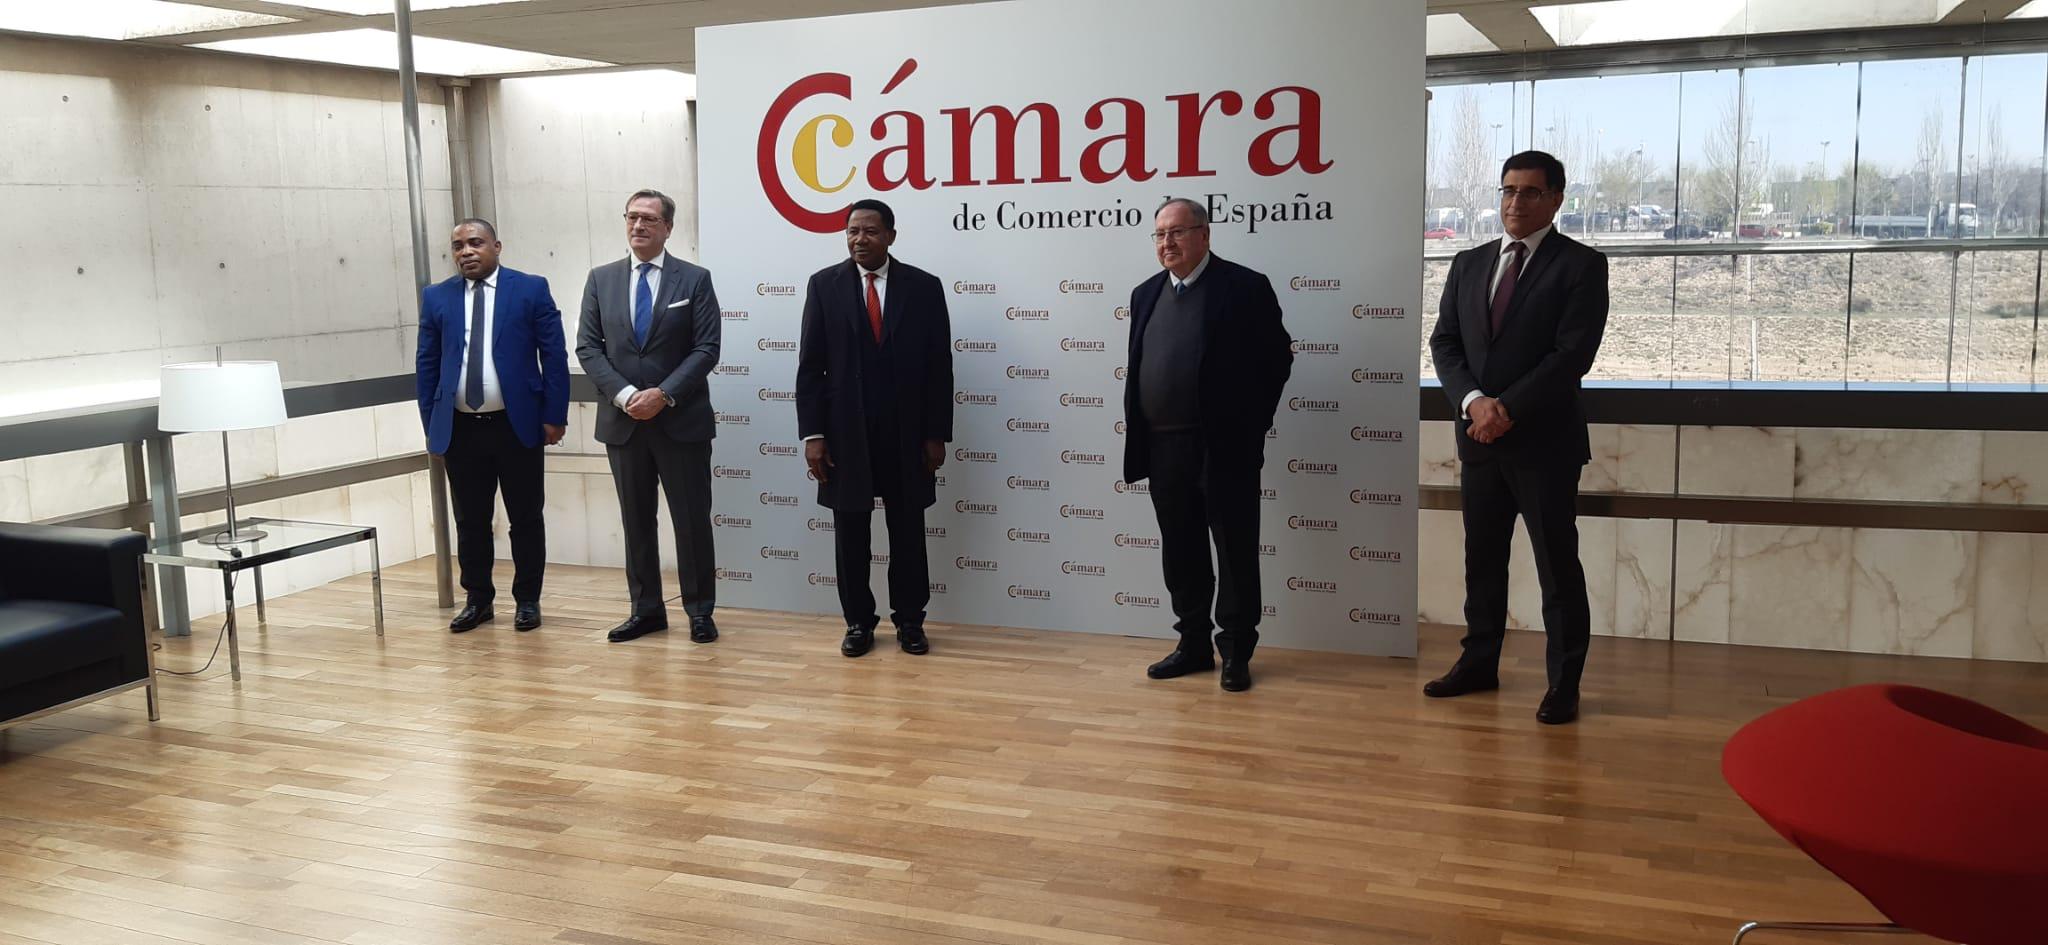 Encuentro entre Miguel Edjang Angue y el Presidente de la Cámara de Comercio de España